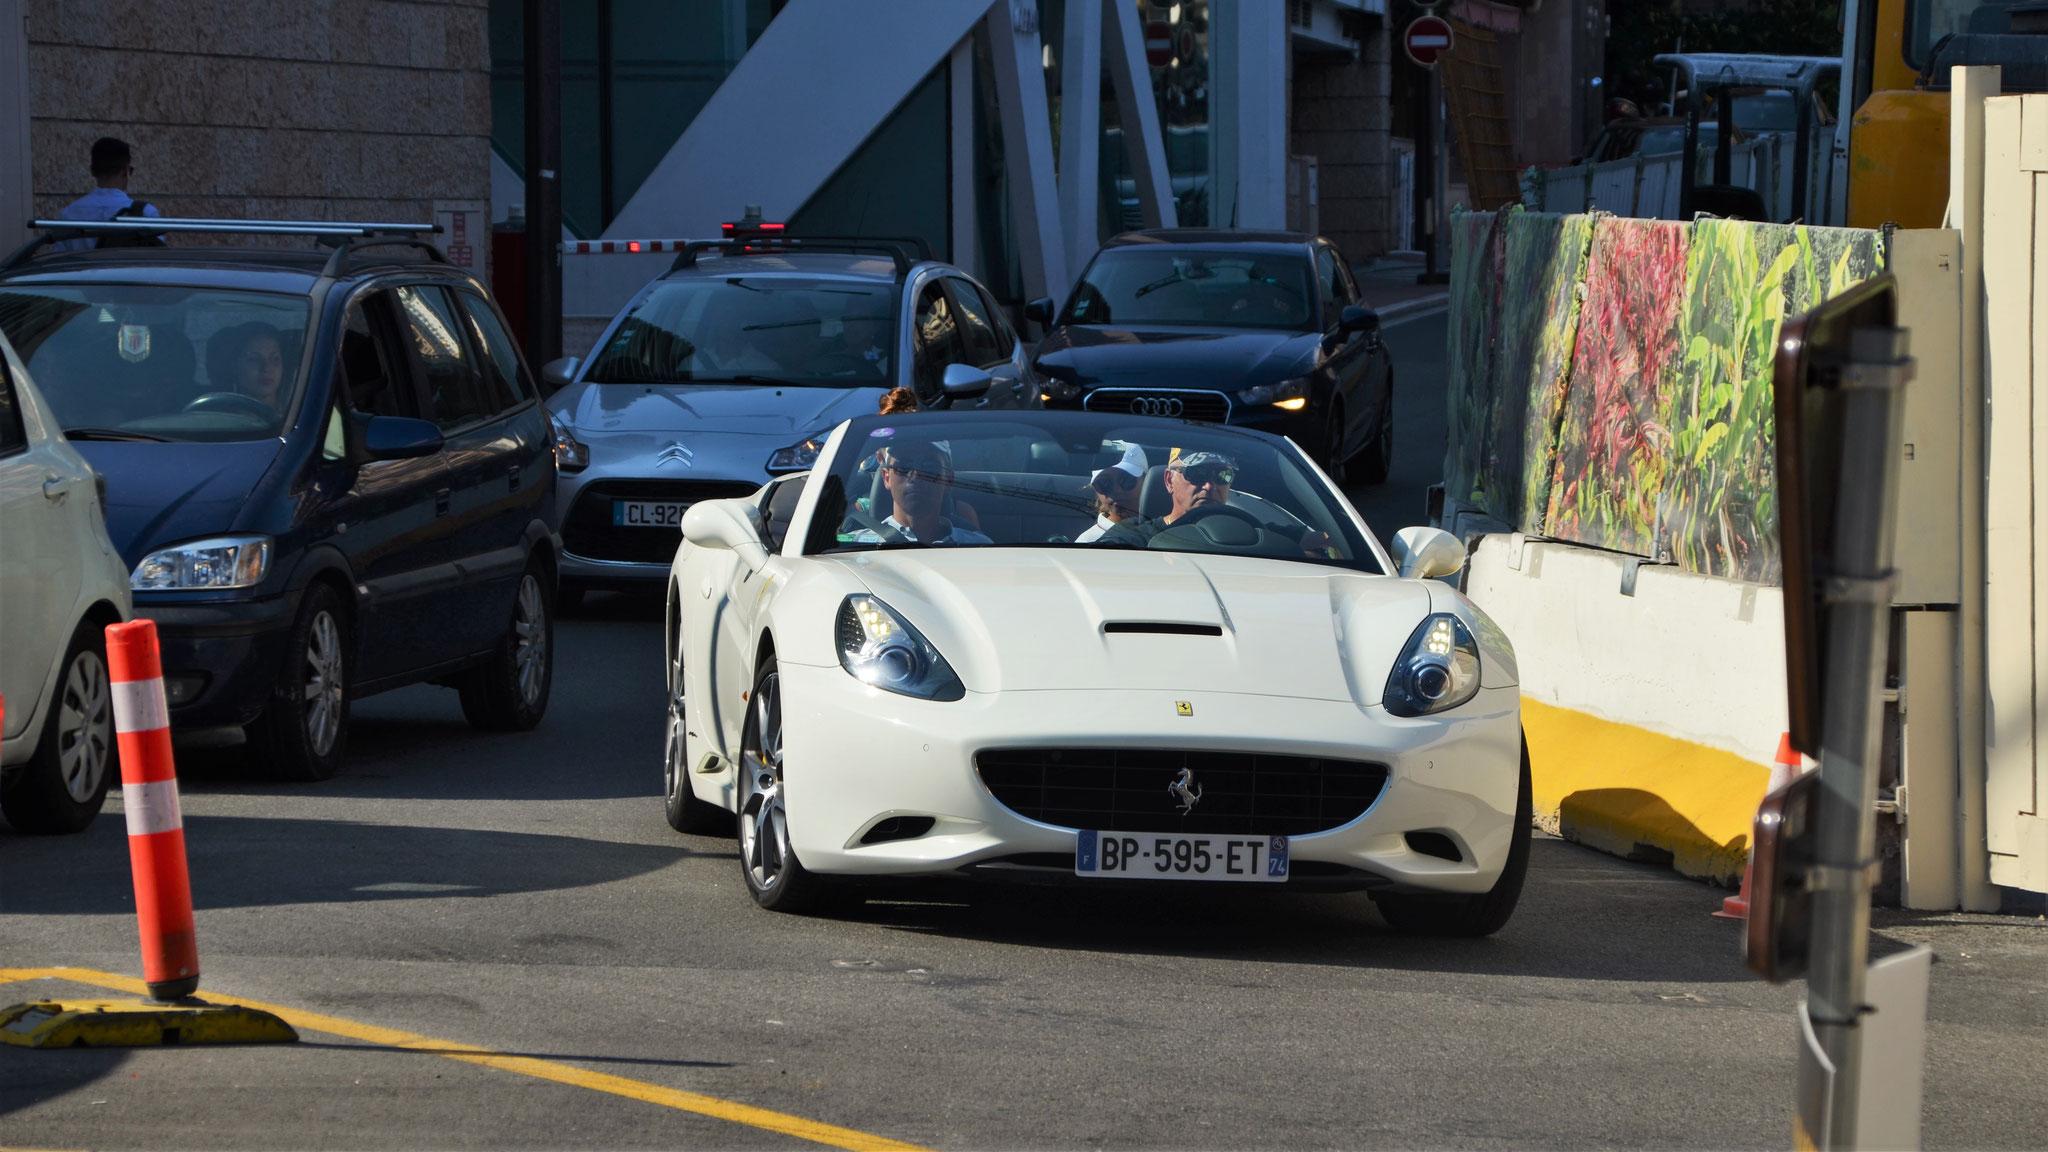 Ferrari California - BP-595-ET-74 (FRA)